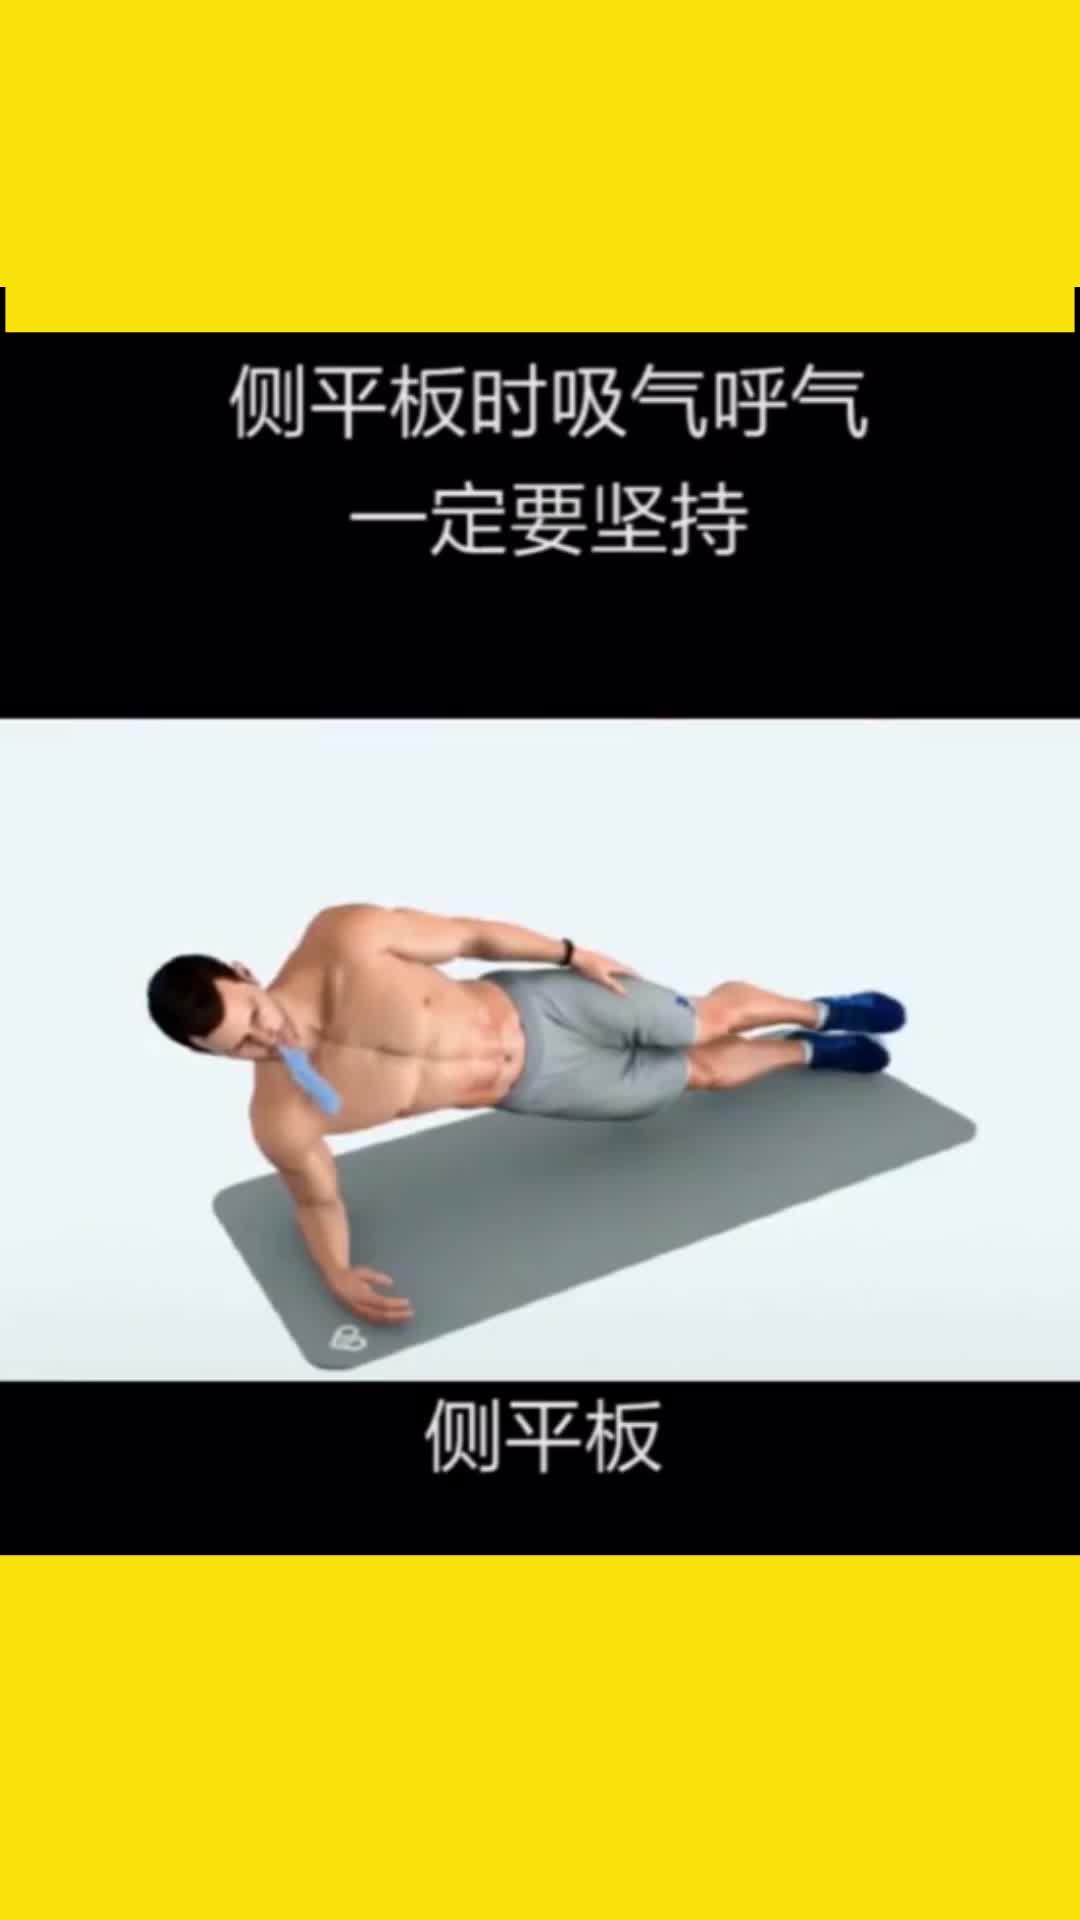 侧平板锻炼侧腹部肌肉1